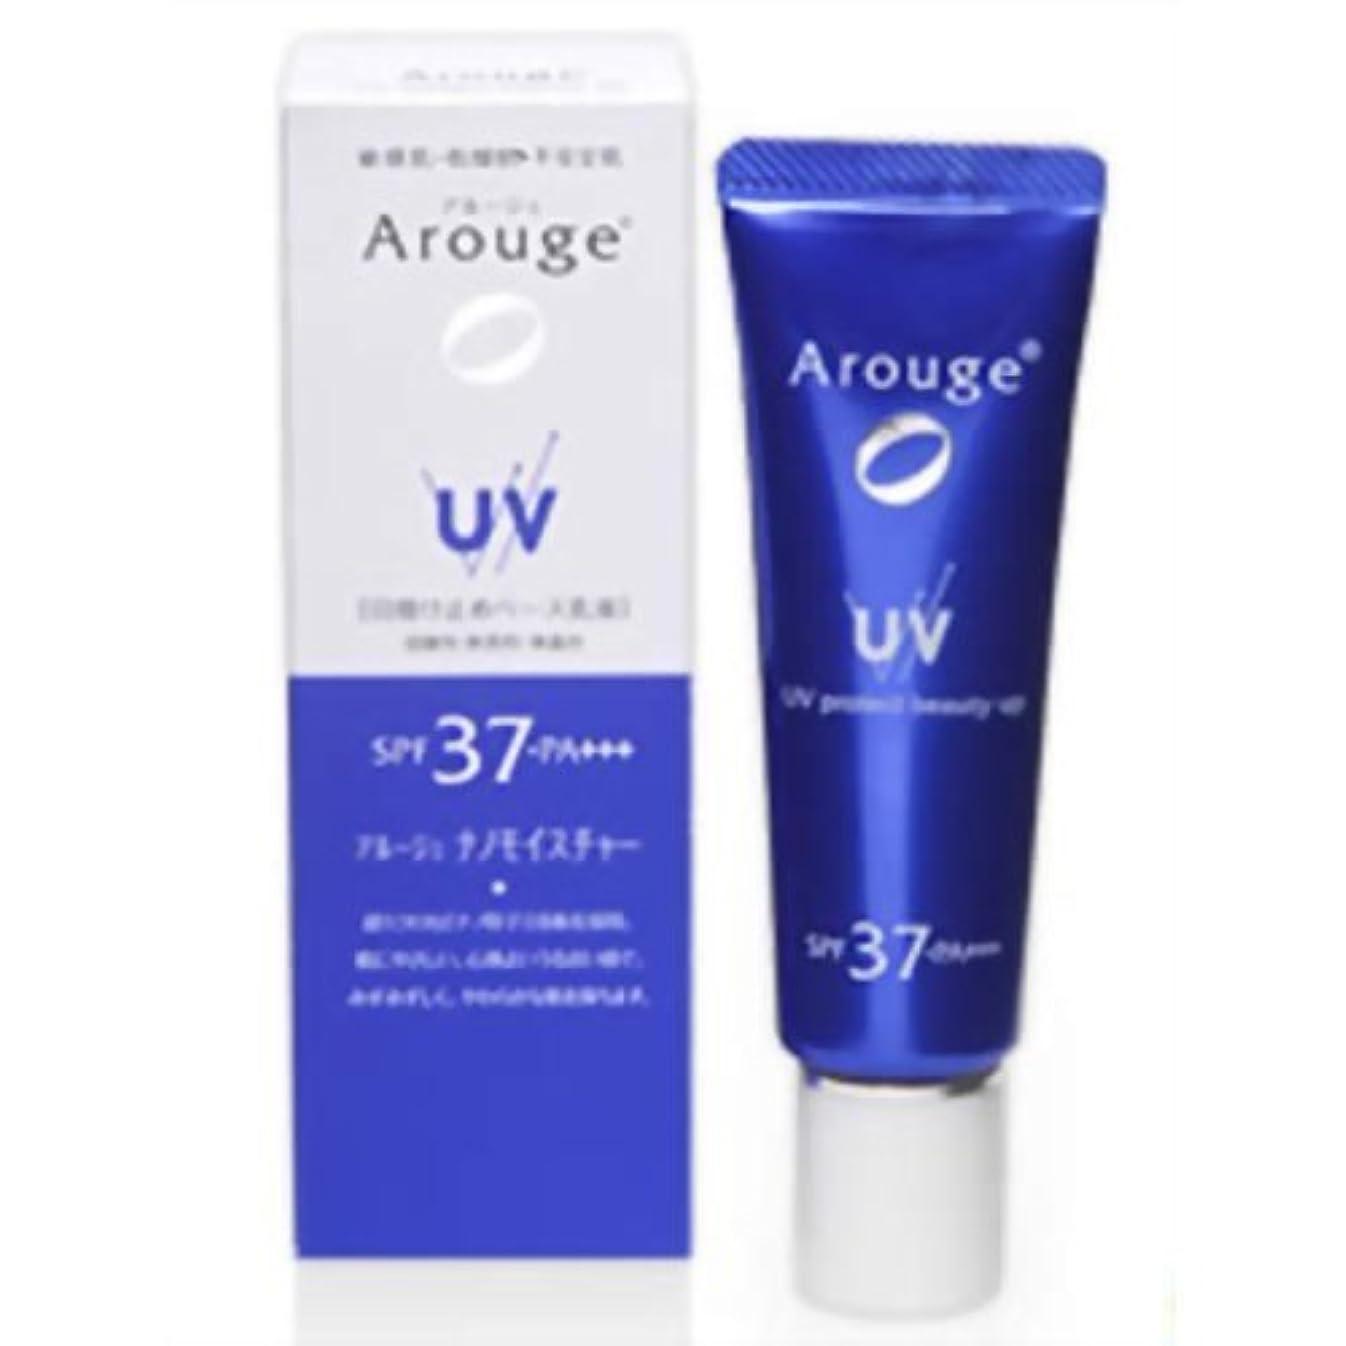 見せます解明あるアルージェ UVプロテクトビューティーアップ 25g